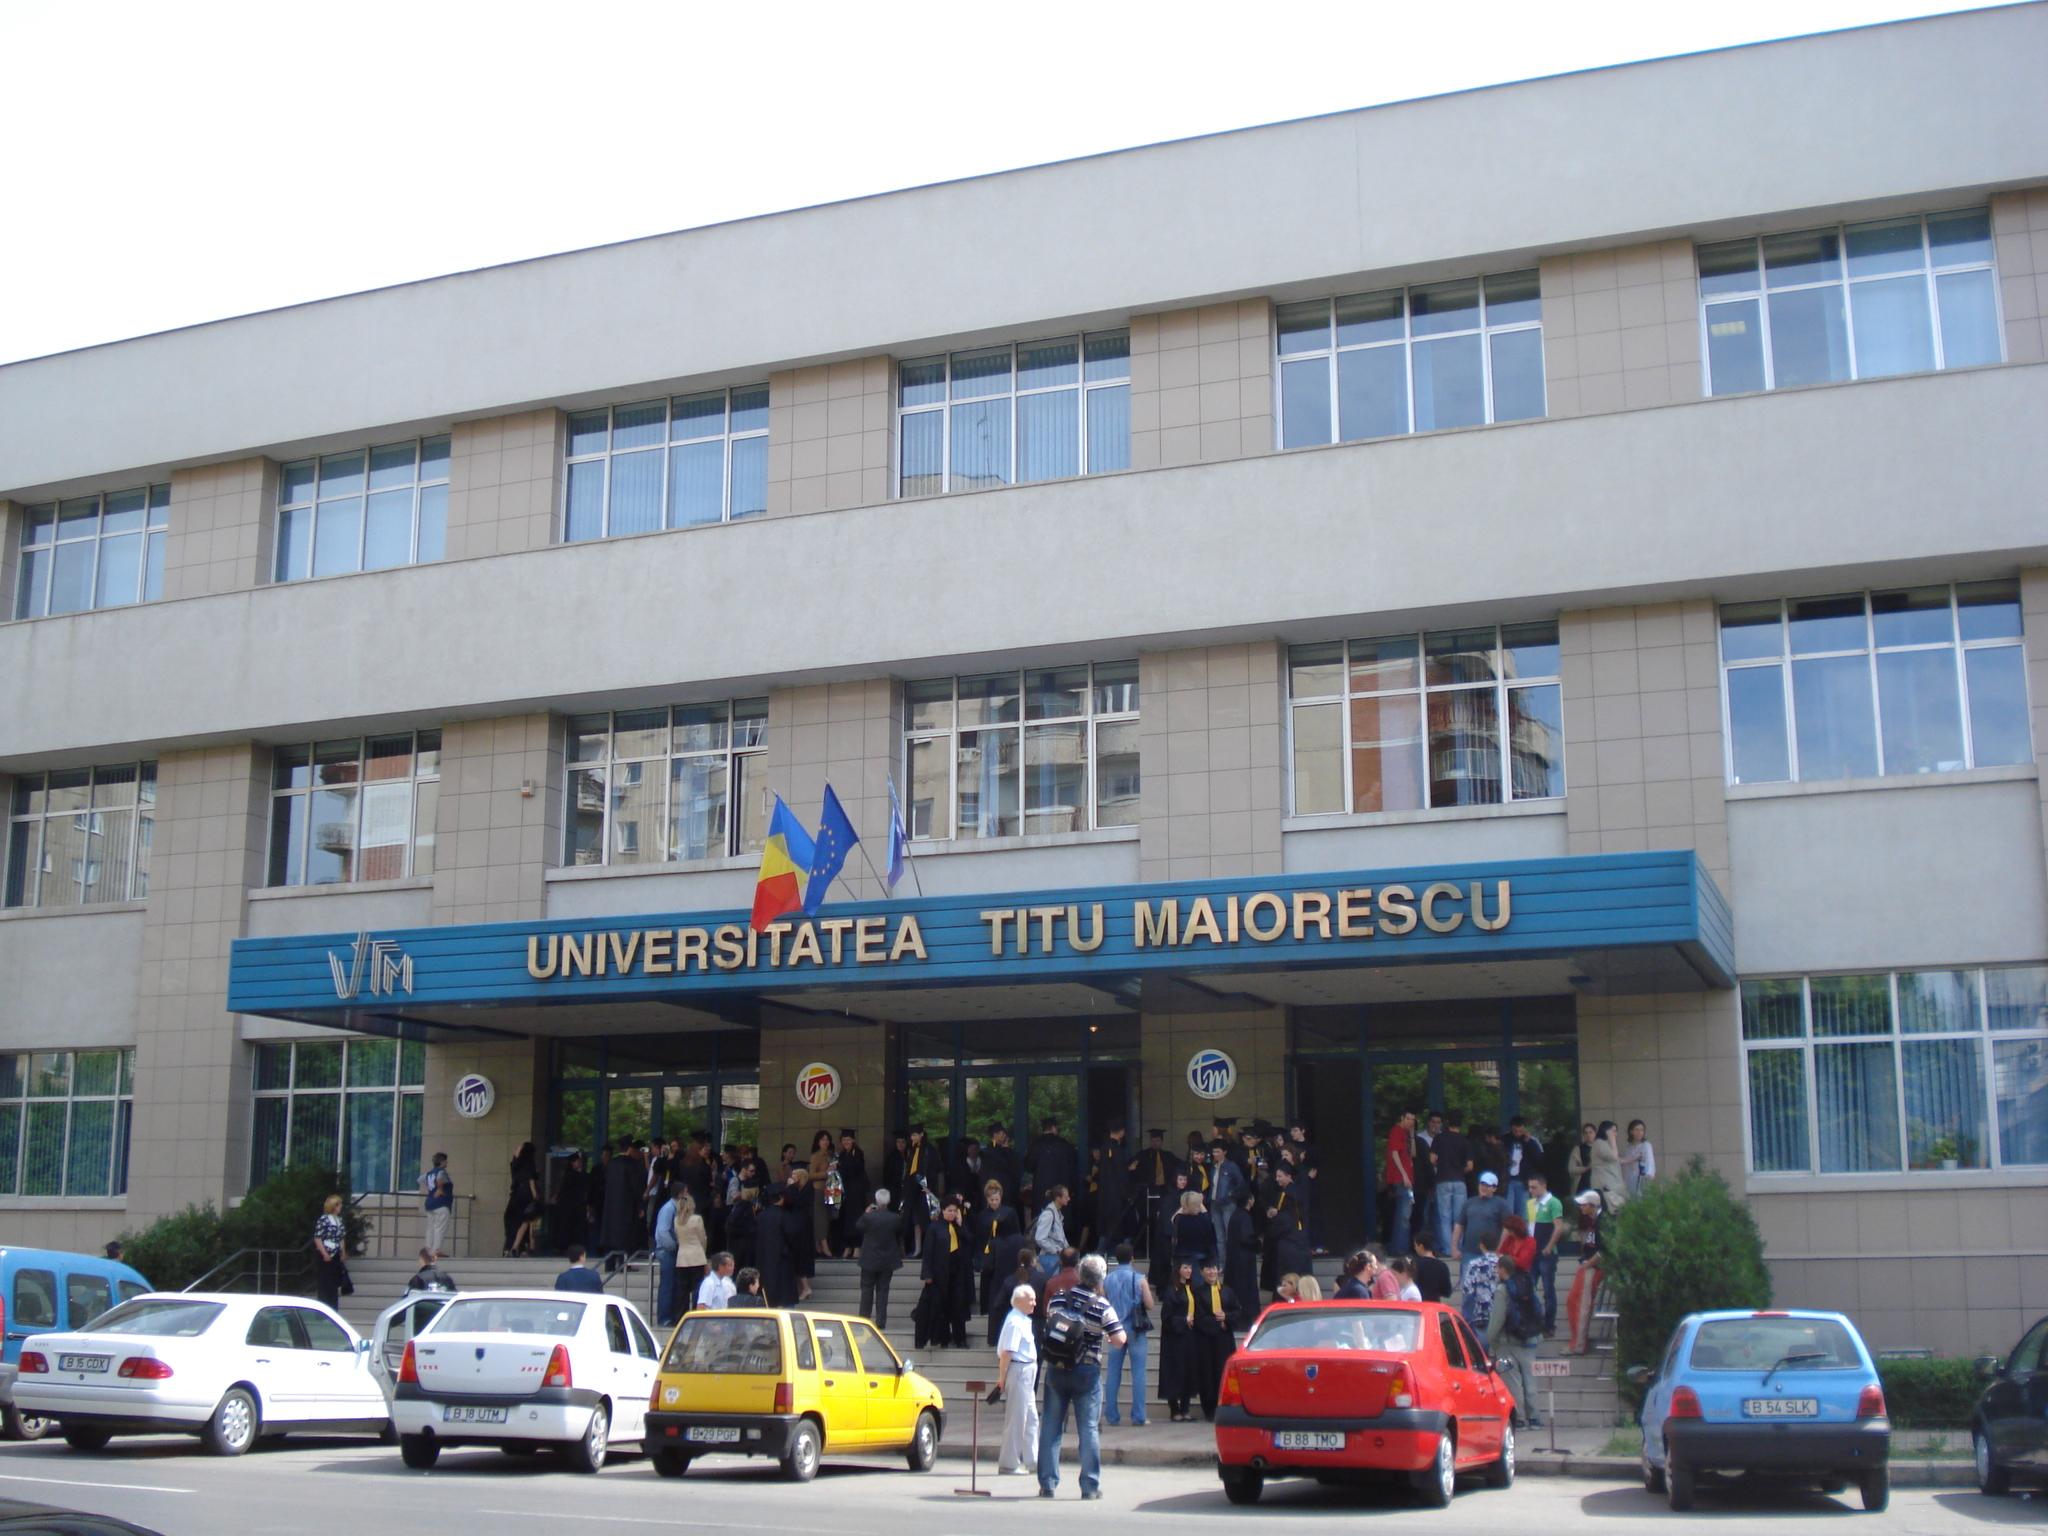 14_Universitatea_Titu_Maiorescu